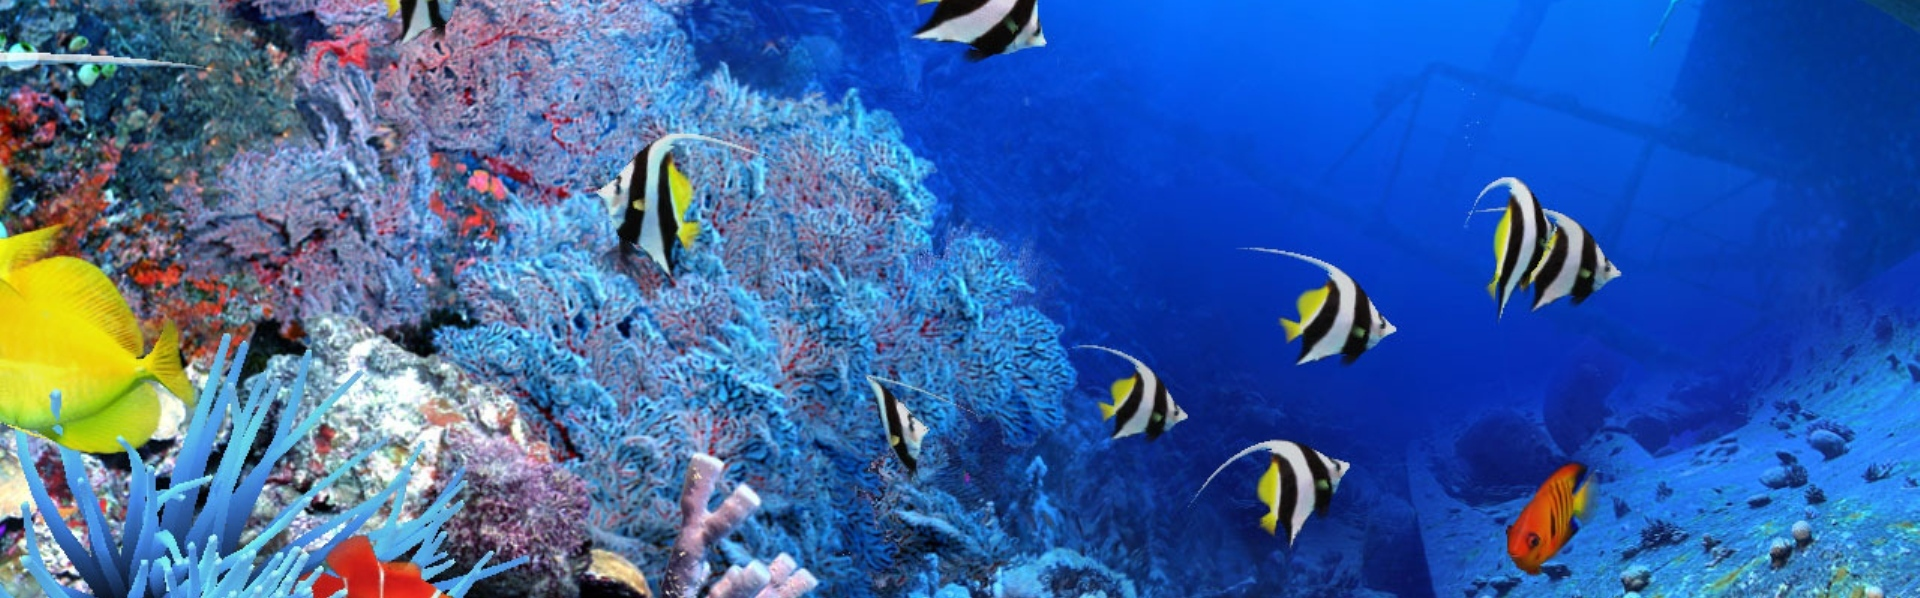 Reguli generale de curățare a acvariului